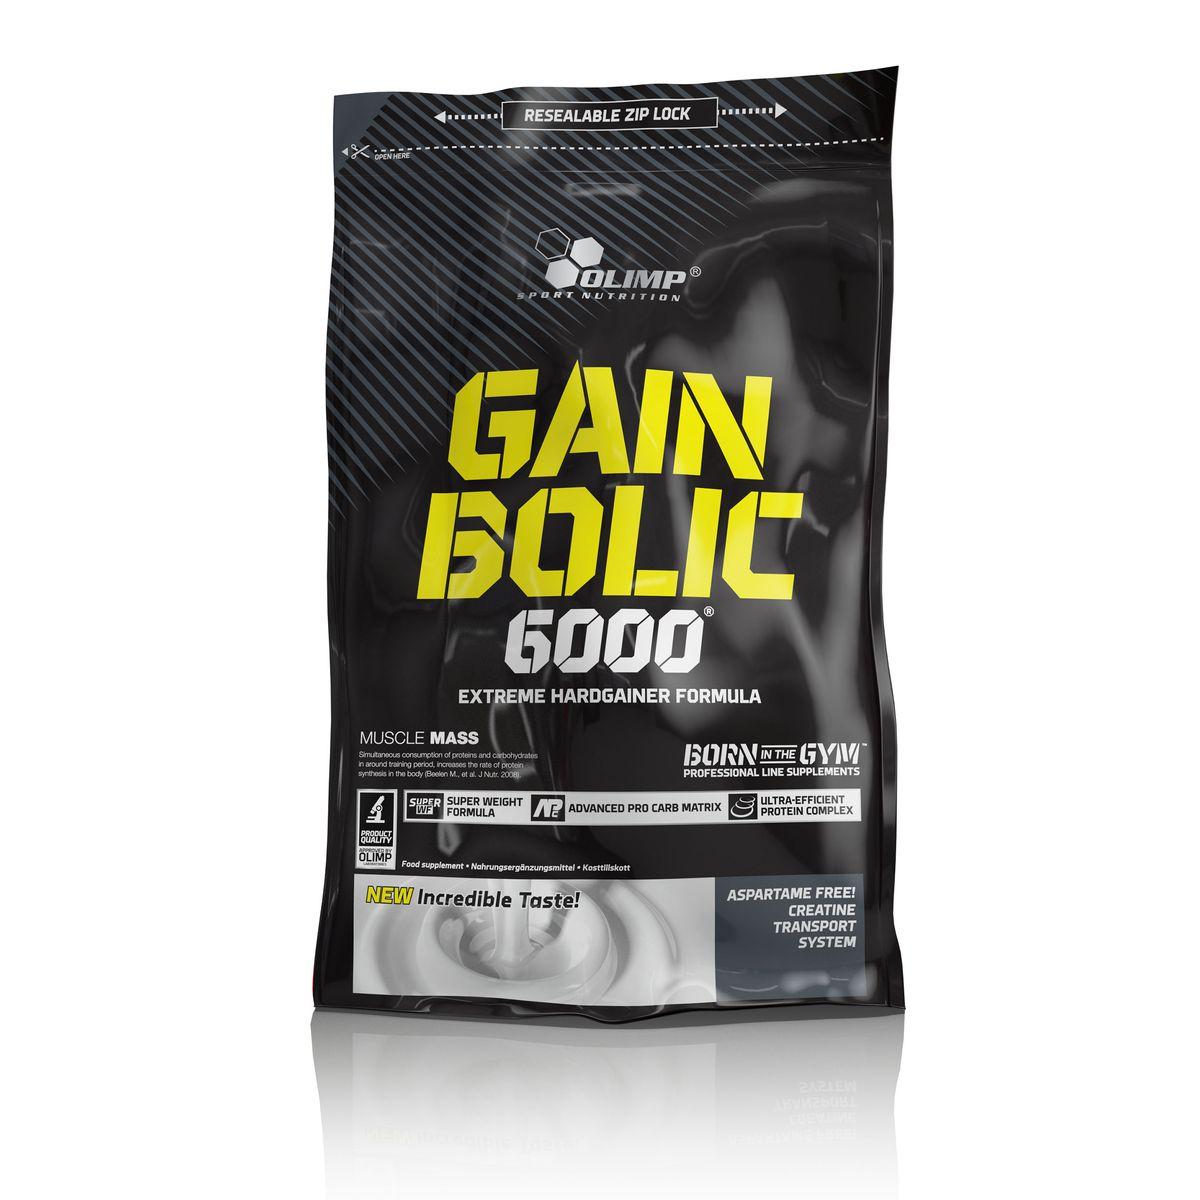 Гейнер Olimp Sport Nutrition Gain Bolic 6000, шоколад, 1 кгO27802Olimp Sport Nutrition Gain Bolic 6000 - это очень высококачественный продукт, для быстрого набора мышечной массы, особенно для людей, устойчивых к приобретению новой мышечной массы. Обеспечивает всеми питательными веществами, важными для быстрого развития мускульной силы и массы. Комплекс углеводов в Olimp Sport Nutrition Gain Bolic 6000 надлежащим образом составлен с различными гликимическими индексами, сывороточным белковым концентратом, казеином, яичным белком, обогащенный моногидратом креатина и таурином. Добавление креатина, декстроза и таурина, в определенном порядке и дозировке ускоряет и повышает активность анаболических процессов.Рекомендации по применению: 1-3 порции в день - между приемами пищи. Рекомендации по приготовлению: 100 г порошка растворите в 120 мл питьевой воды. Начинающим рекомендуется смешивать 50 г продукта с тем же количеством воды.Состав: мальтодекстрины, декстроза, концентрат сывороточного протеина, казеинат кальция, яичный белок ультрафильтрации, кофеин, креатин моногидрат, таурин, регулятор кислотности, хлорид калия, витамины, никотиновая кислота, биотин, кальций, фолиевая кислота, ароматизатор,краситель. Товар сертифицирован.Как повысить эффективность тренировок с помощью спортивного питания? Статья OZON Гид